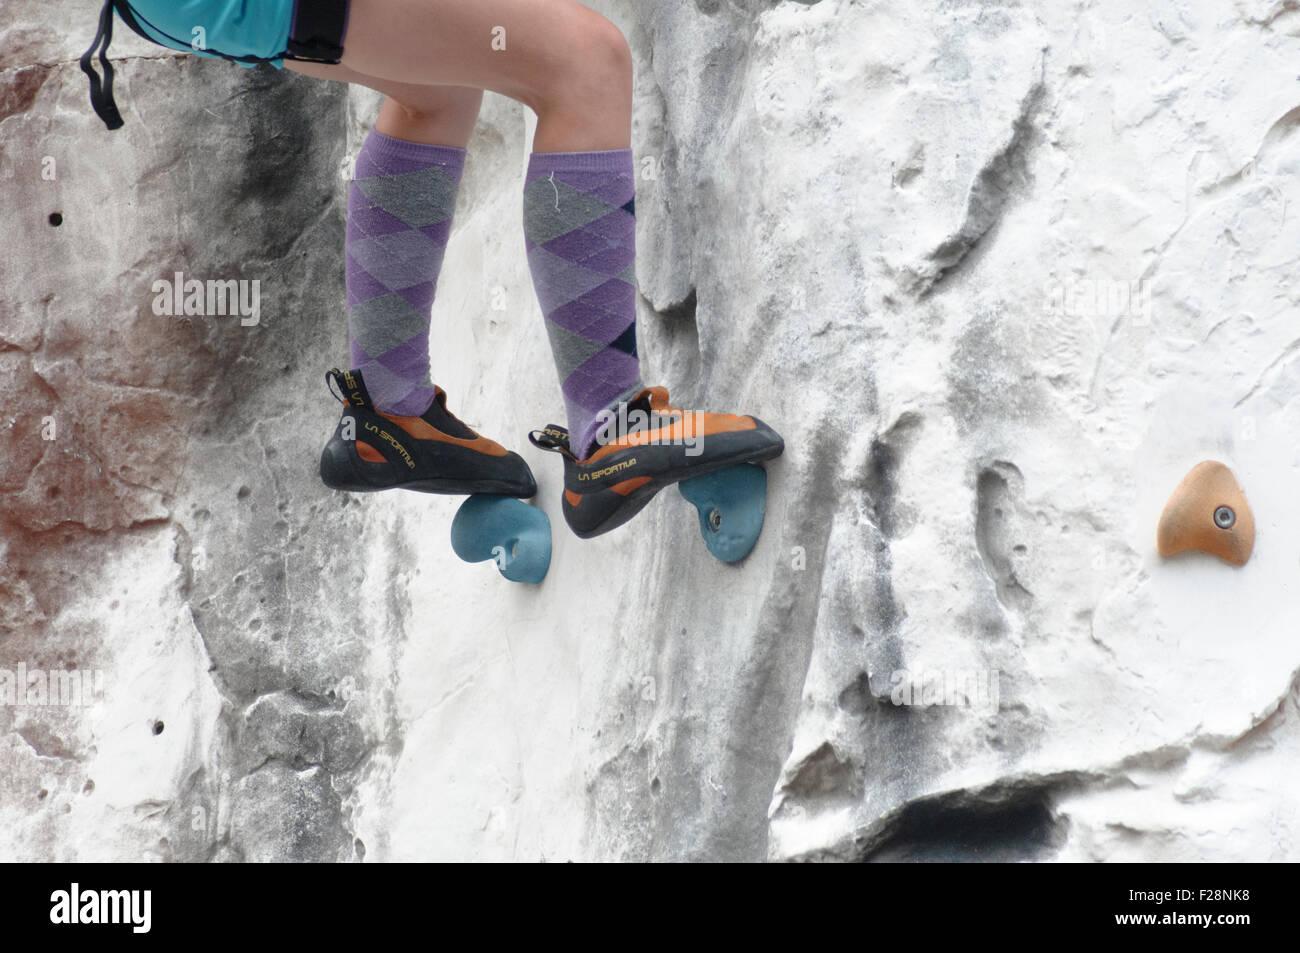 Adolescente chica sube un muro artificial de escalada cerca de los pies y los zapatos de escalada especial Imagen De Stock